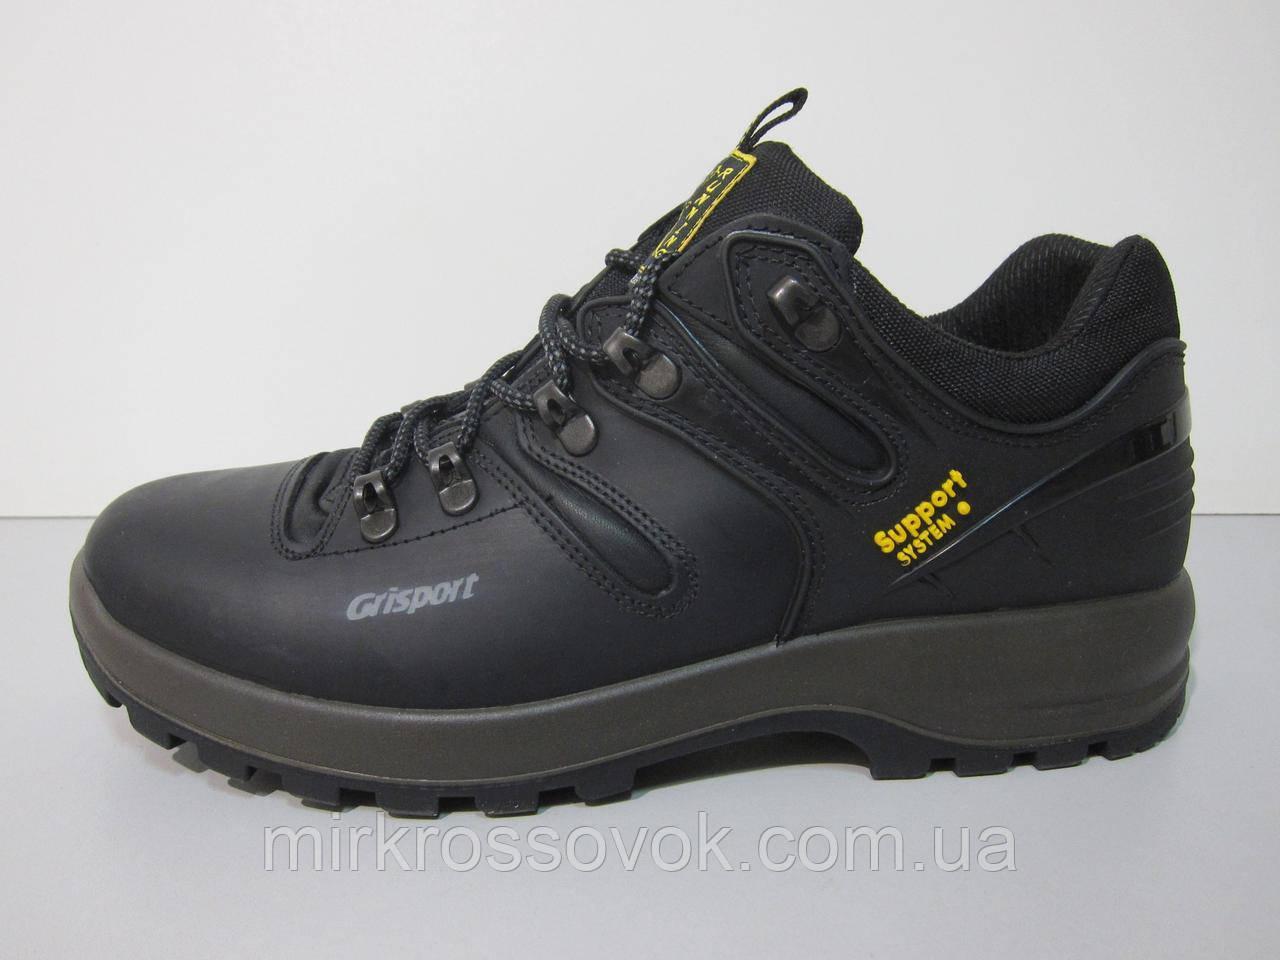 87fa54c7 Мужские полуботинки Grisport 10003D108N (черные) : продажа, цена в ...